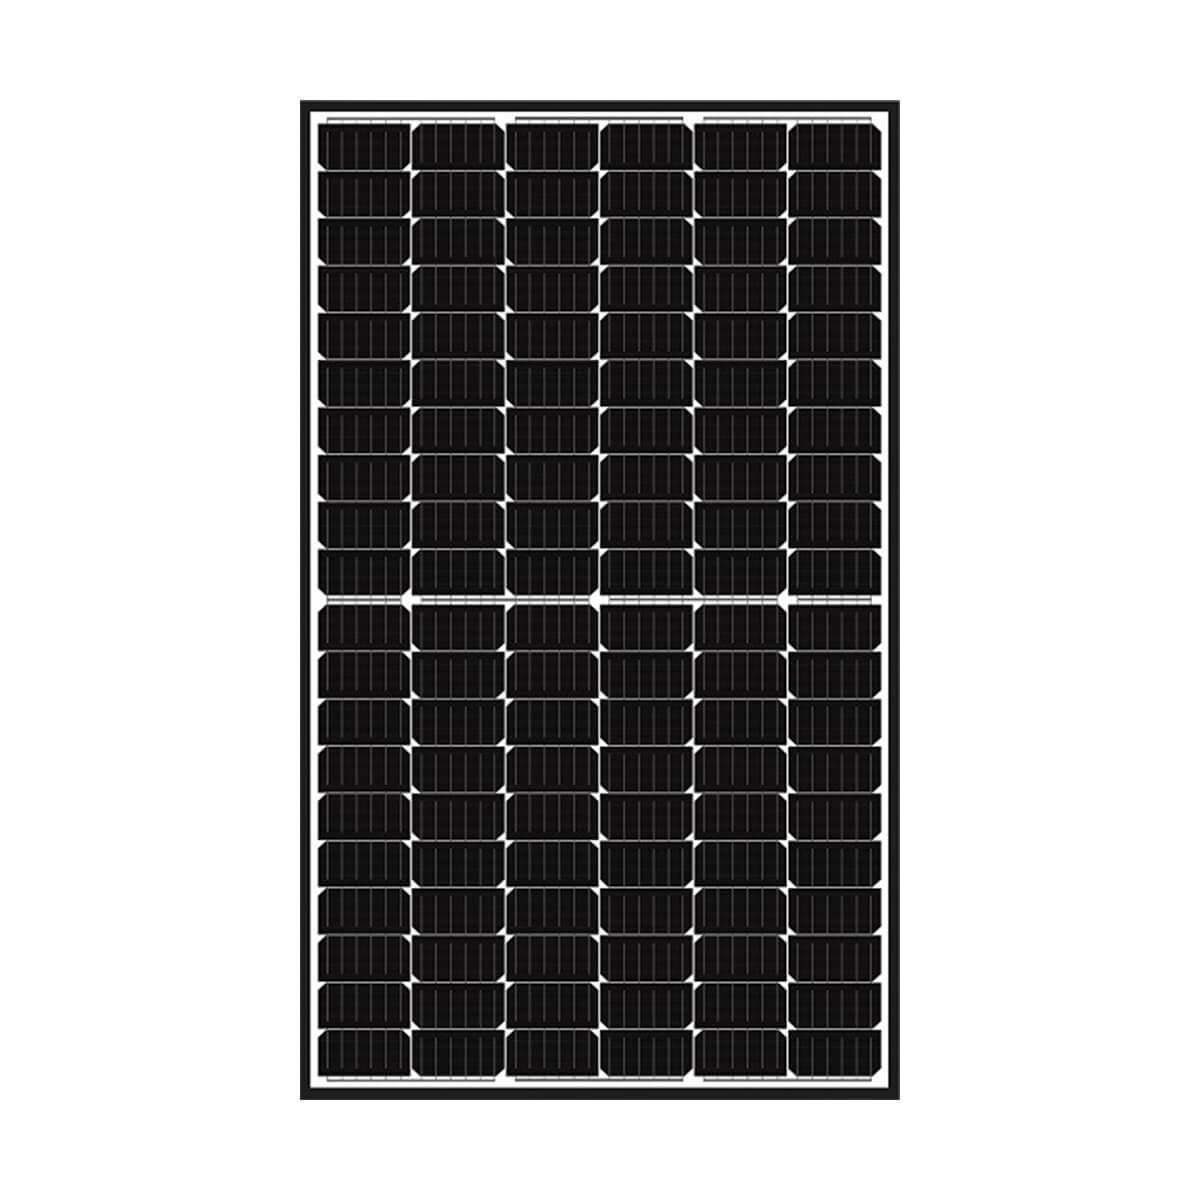 seraphim 365W panel, seraphim 365Watt panel, seraphim 365 W panel, seraphim 365 Watt panel, seraphim 365 Watt monokristal half cut panel, seraphim 365 W watt gunes paneli, seraphim 365 W watt monokristal half cut gunes paneli, seraphim 365 W Watt fotovoltaik monokristal half cut solar panel, seraphim 365W monokristal half cut gunes enerjisi, seraphim SRP-365-BMA-HV panel, SERAPHIM 365 WATT